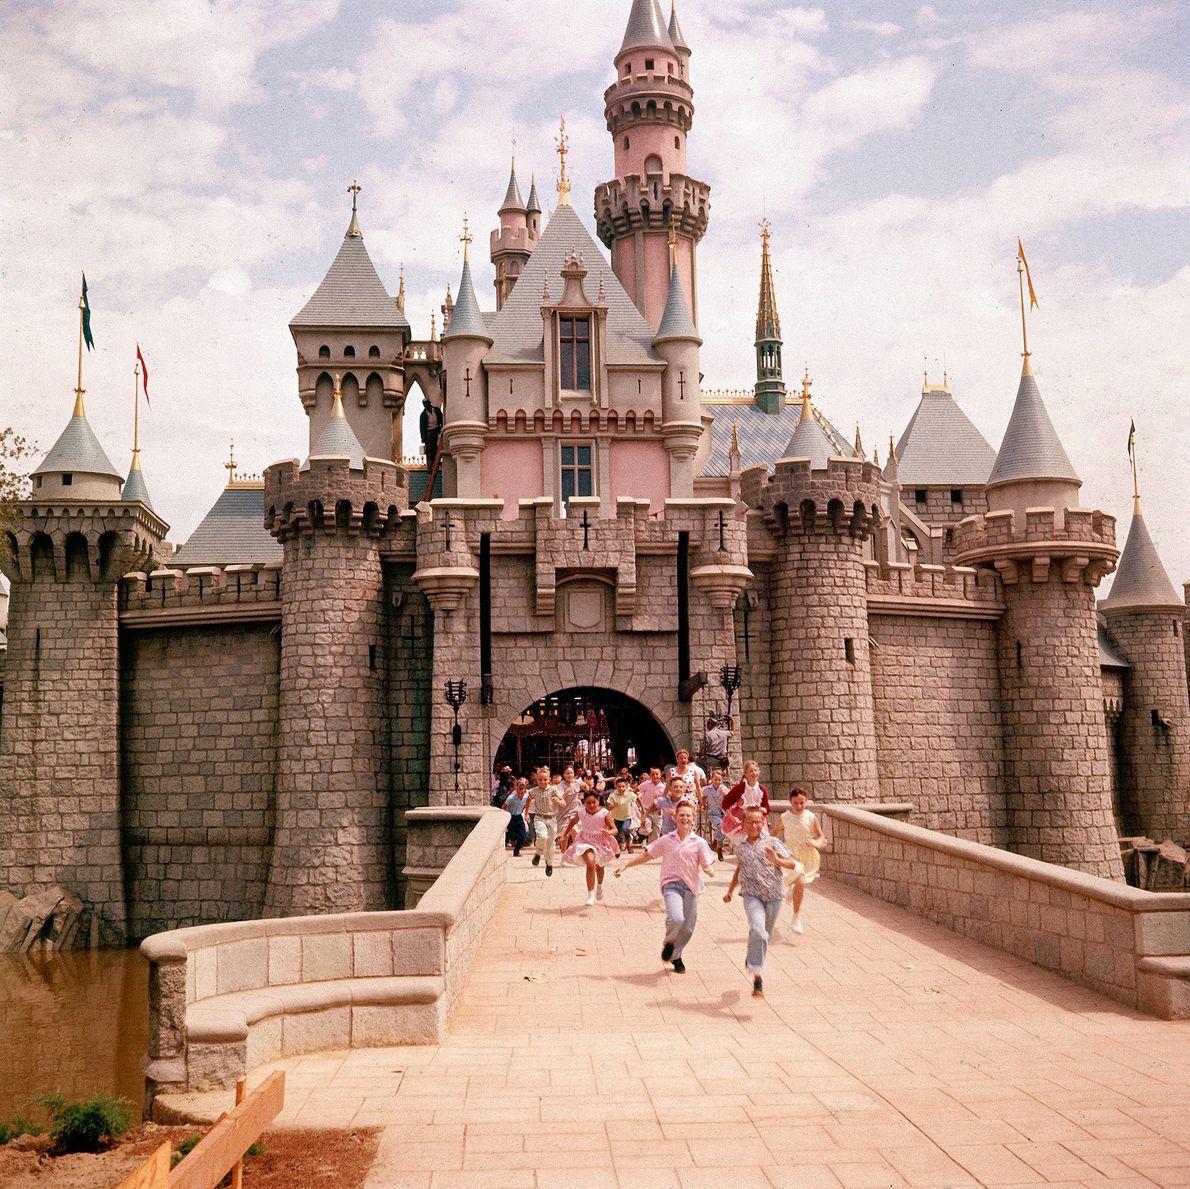 Kinder rennen durch das Dornröschenschloss im Herzen von Disneyland. Das Design des Schlosses basiert auf dem ...